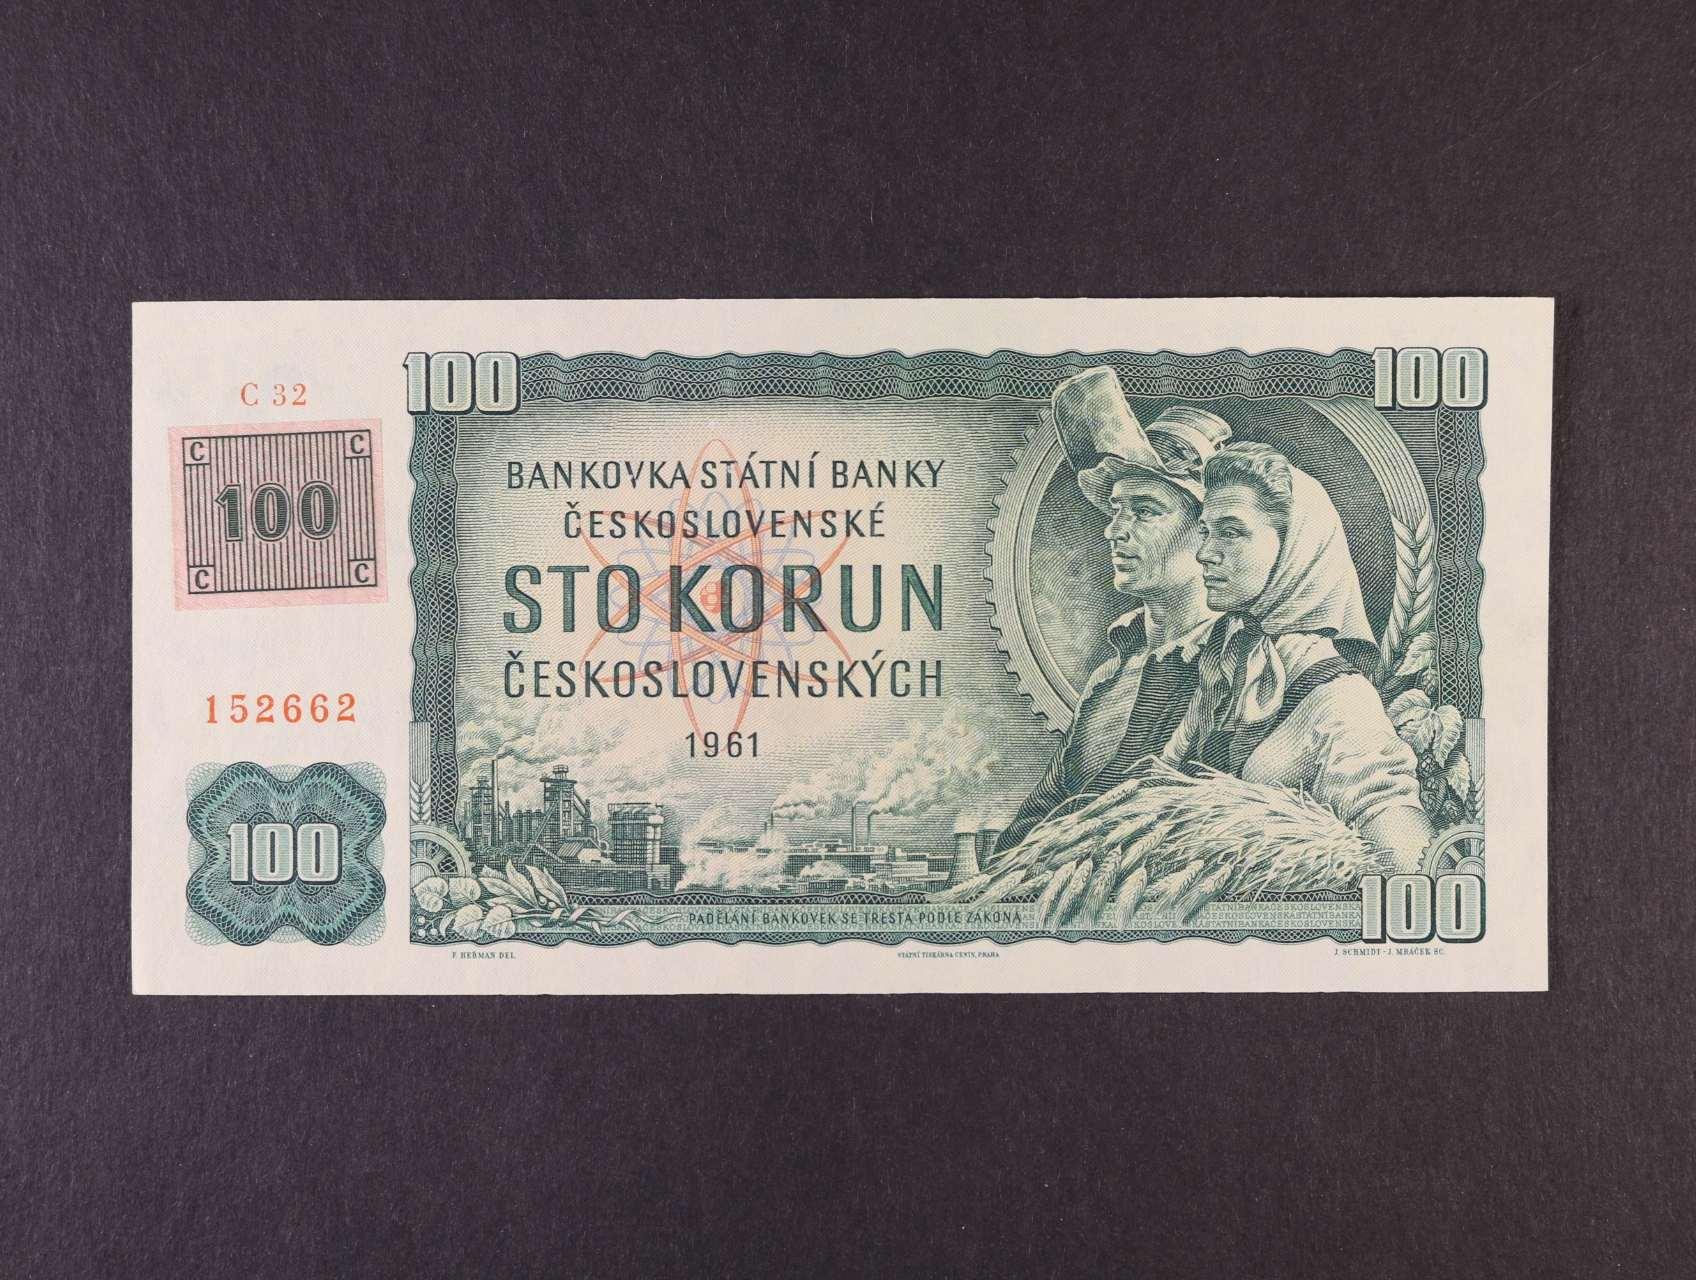 100 Kčs/Kč 1961/93 série C 32 kolkovaná, vodoznaková výztuž na rubu bankovky, Ba. CZ 1a1, Pi. 1